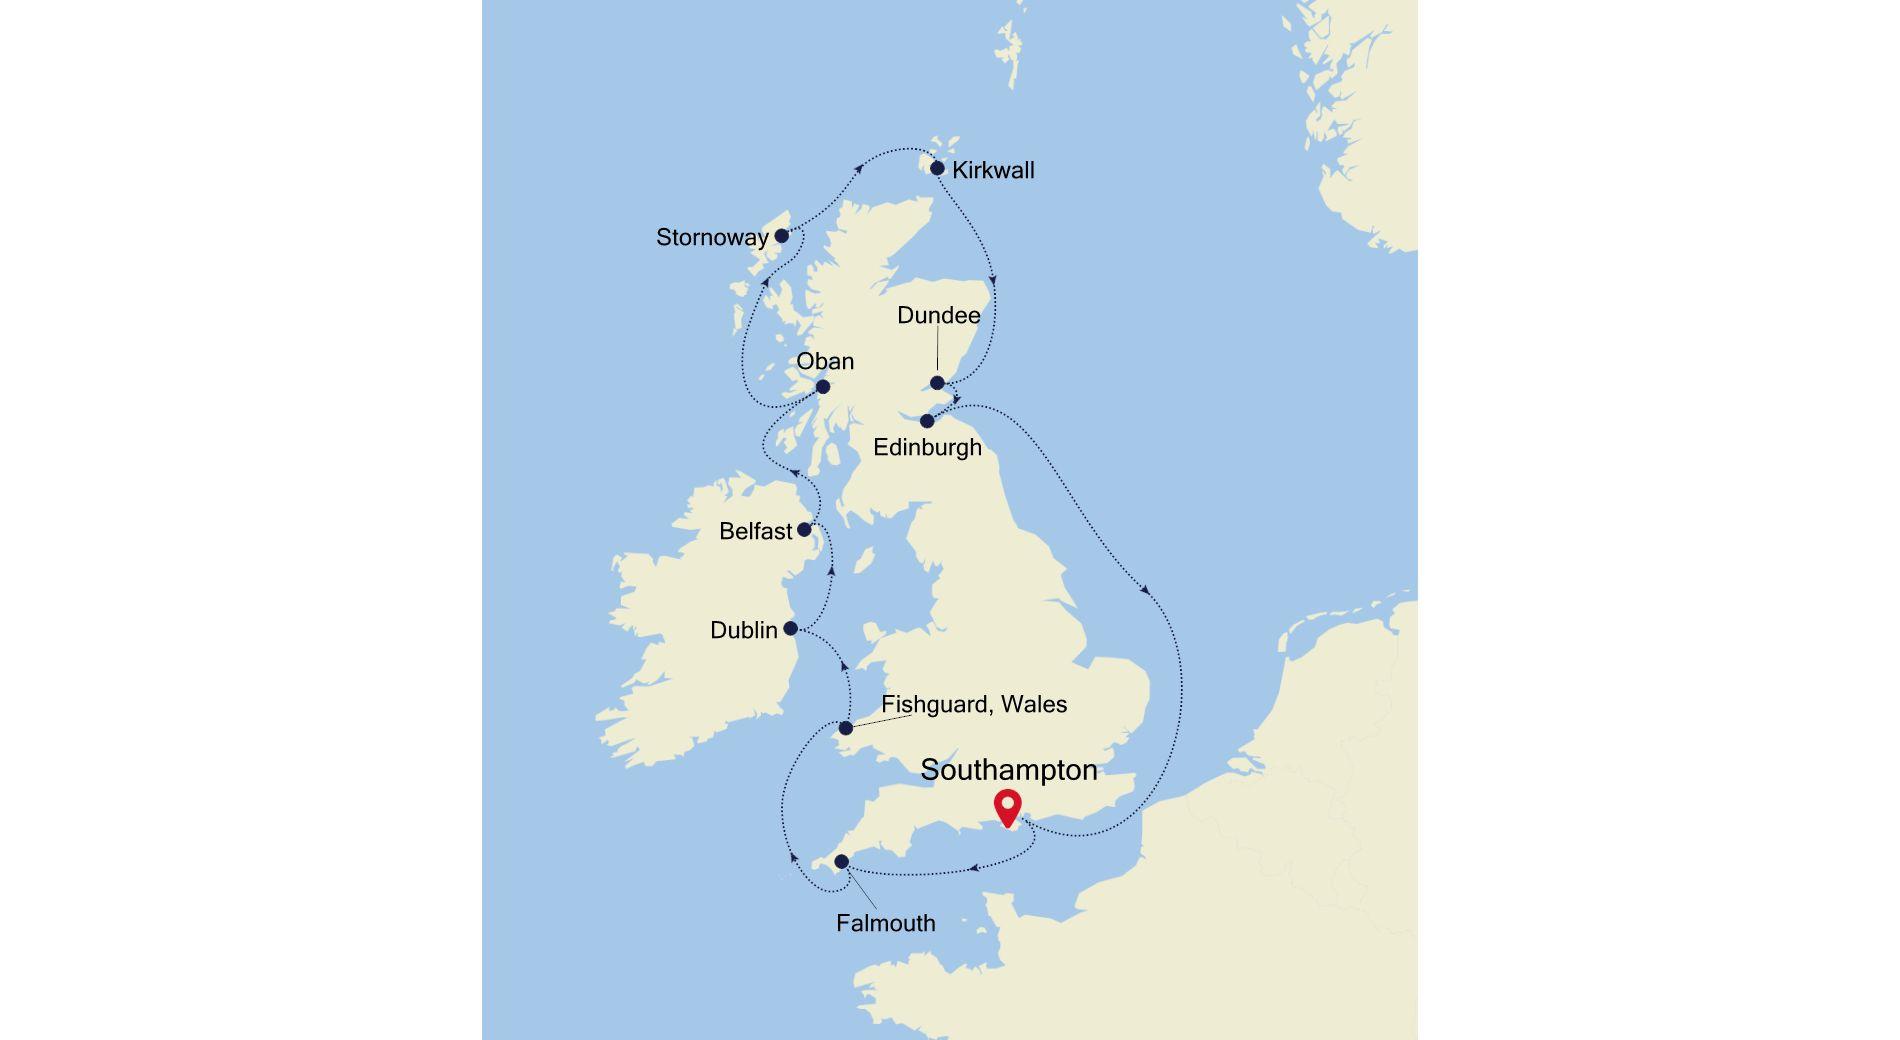 SL210903012 - Southampton to Southampton